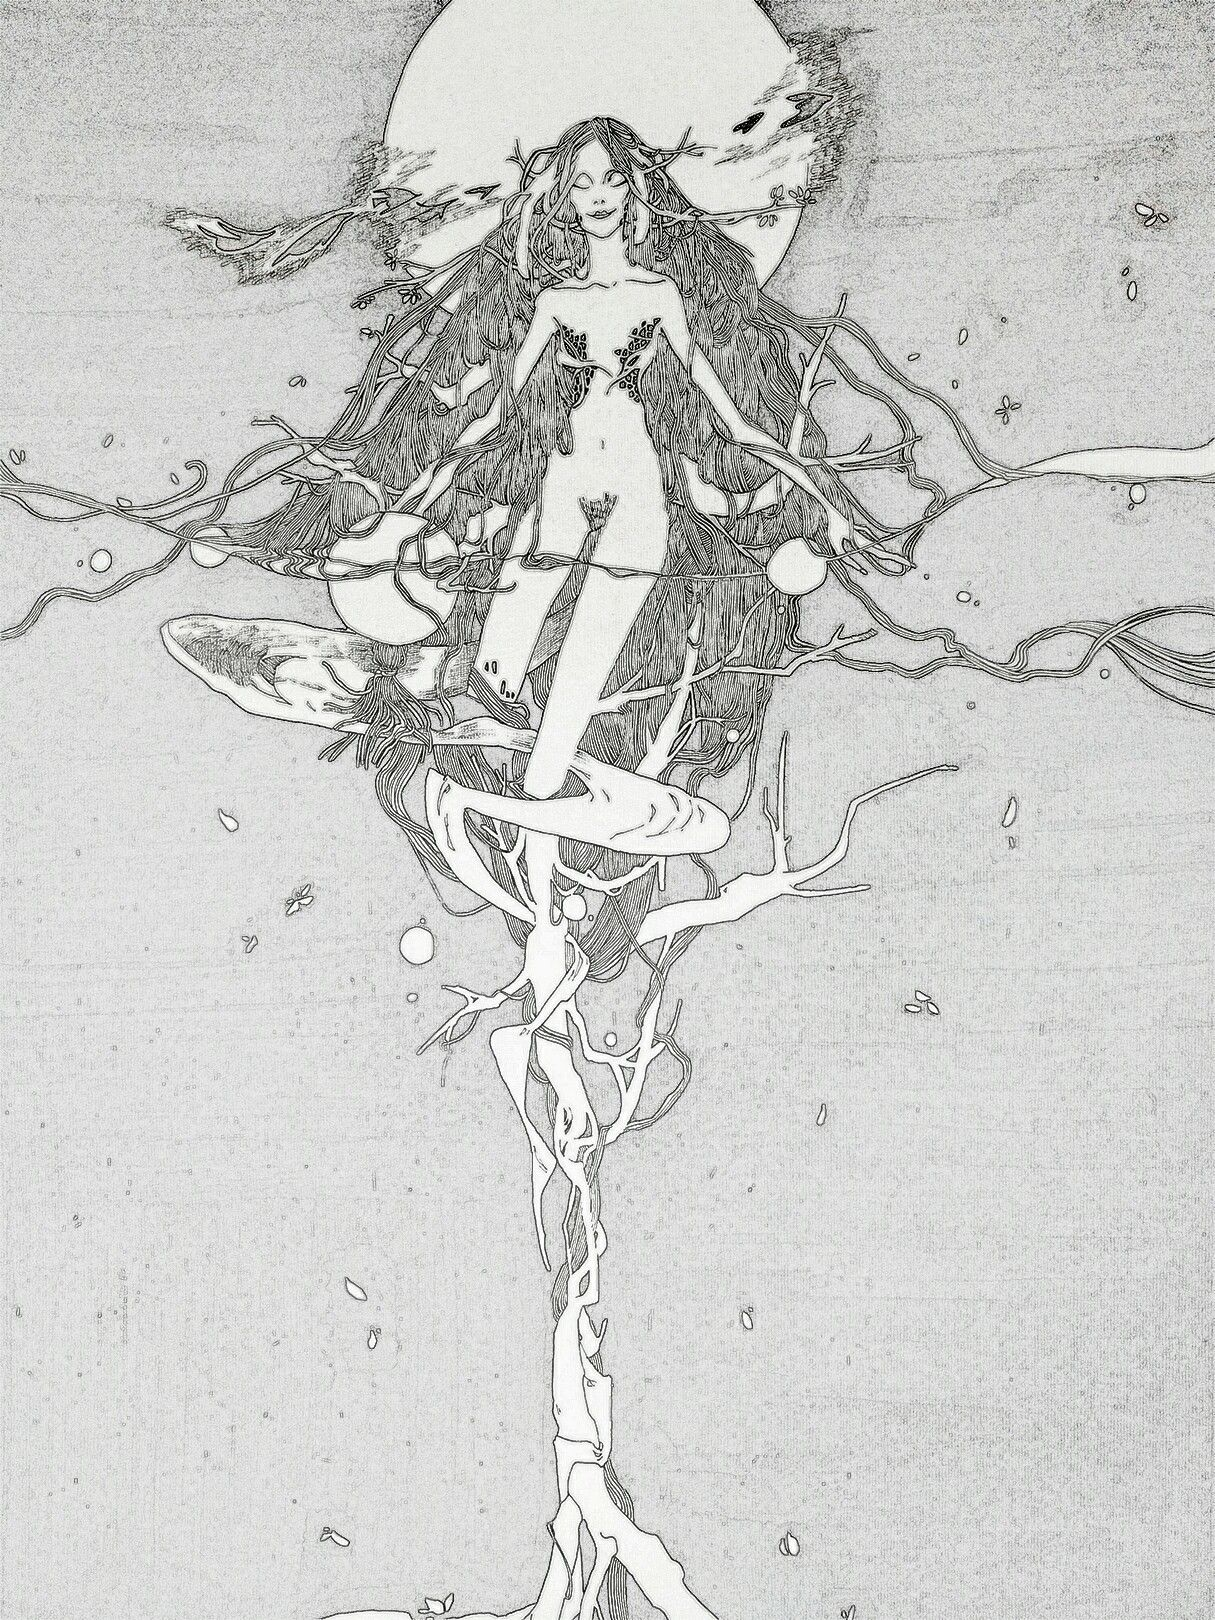 原创,手绘,插画。【皎月】